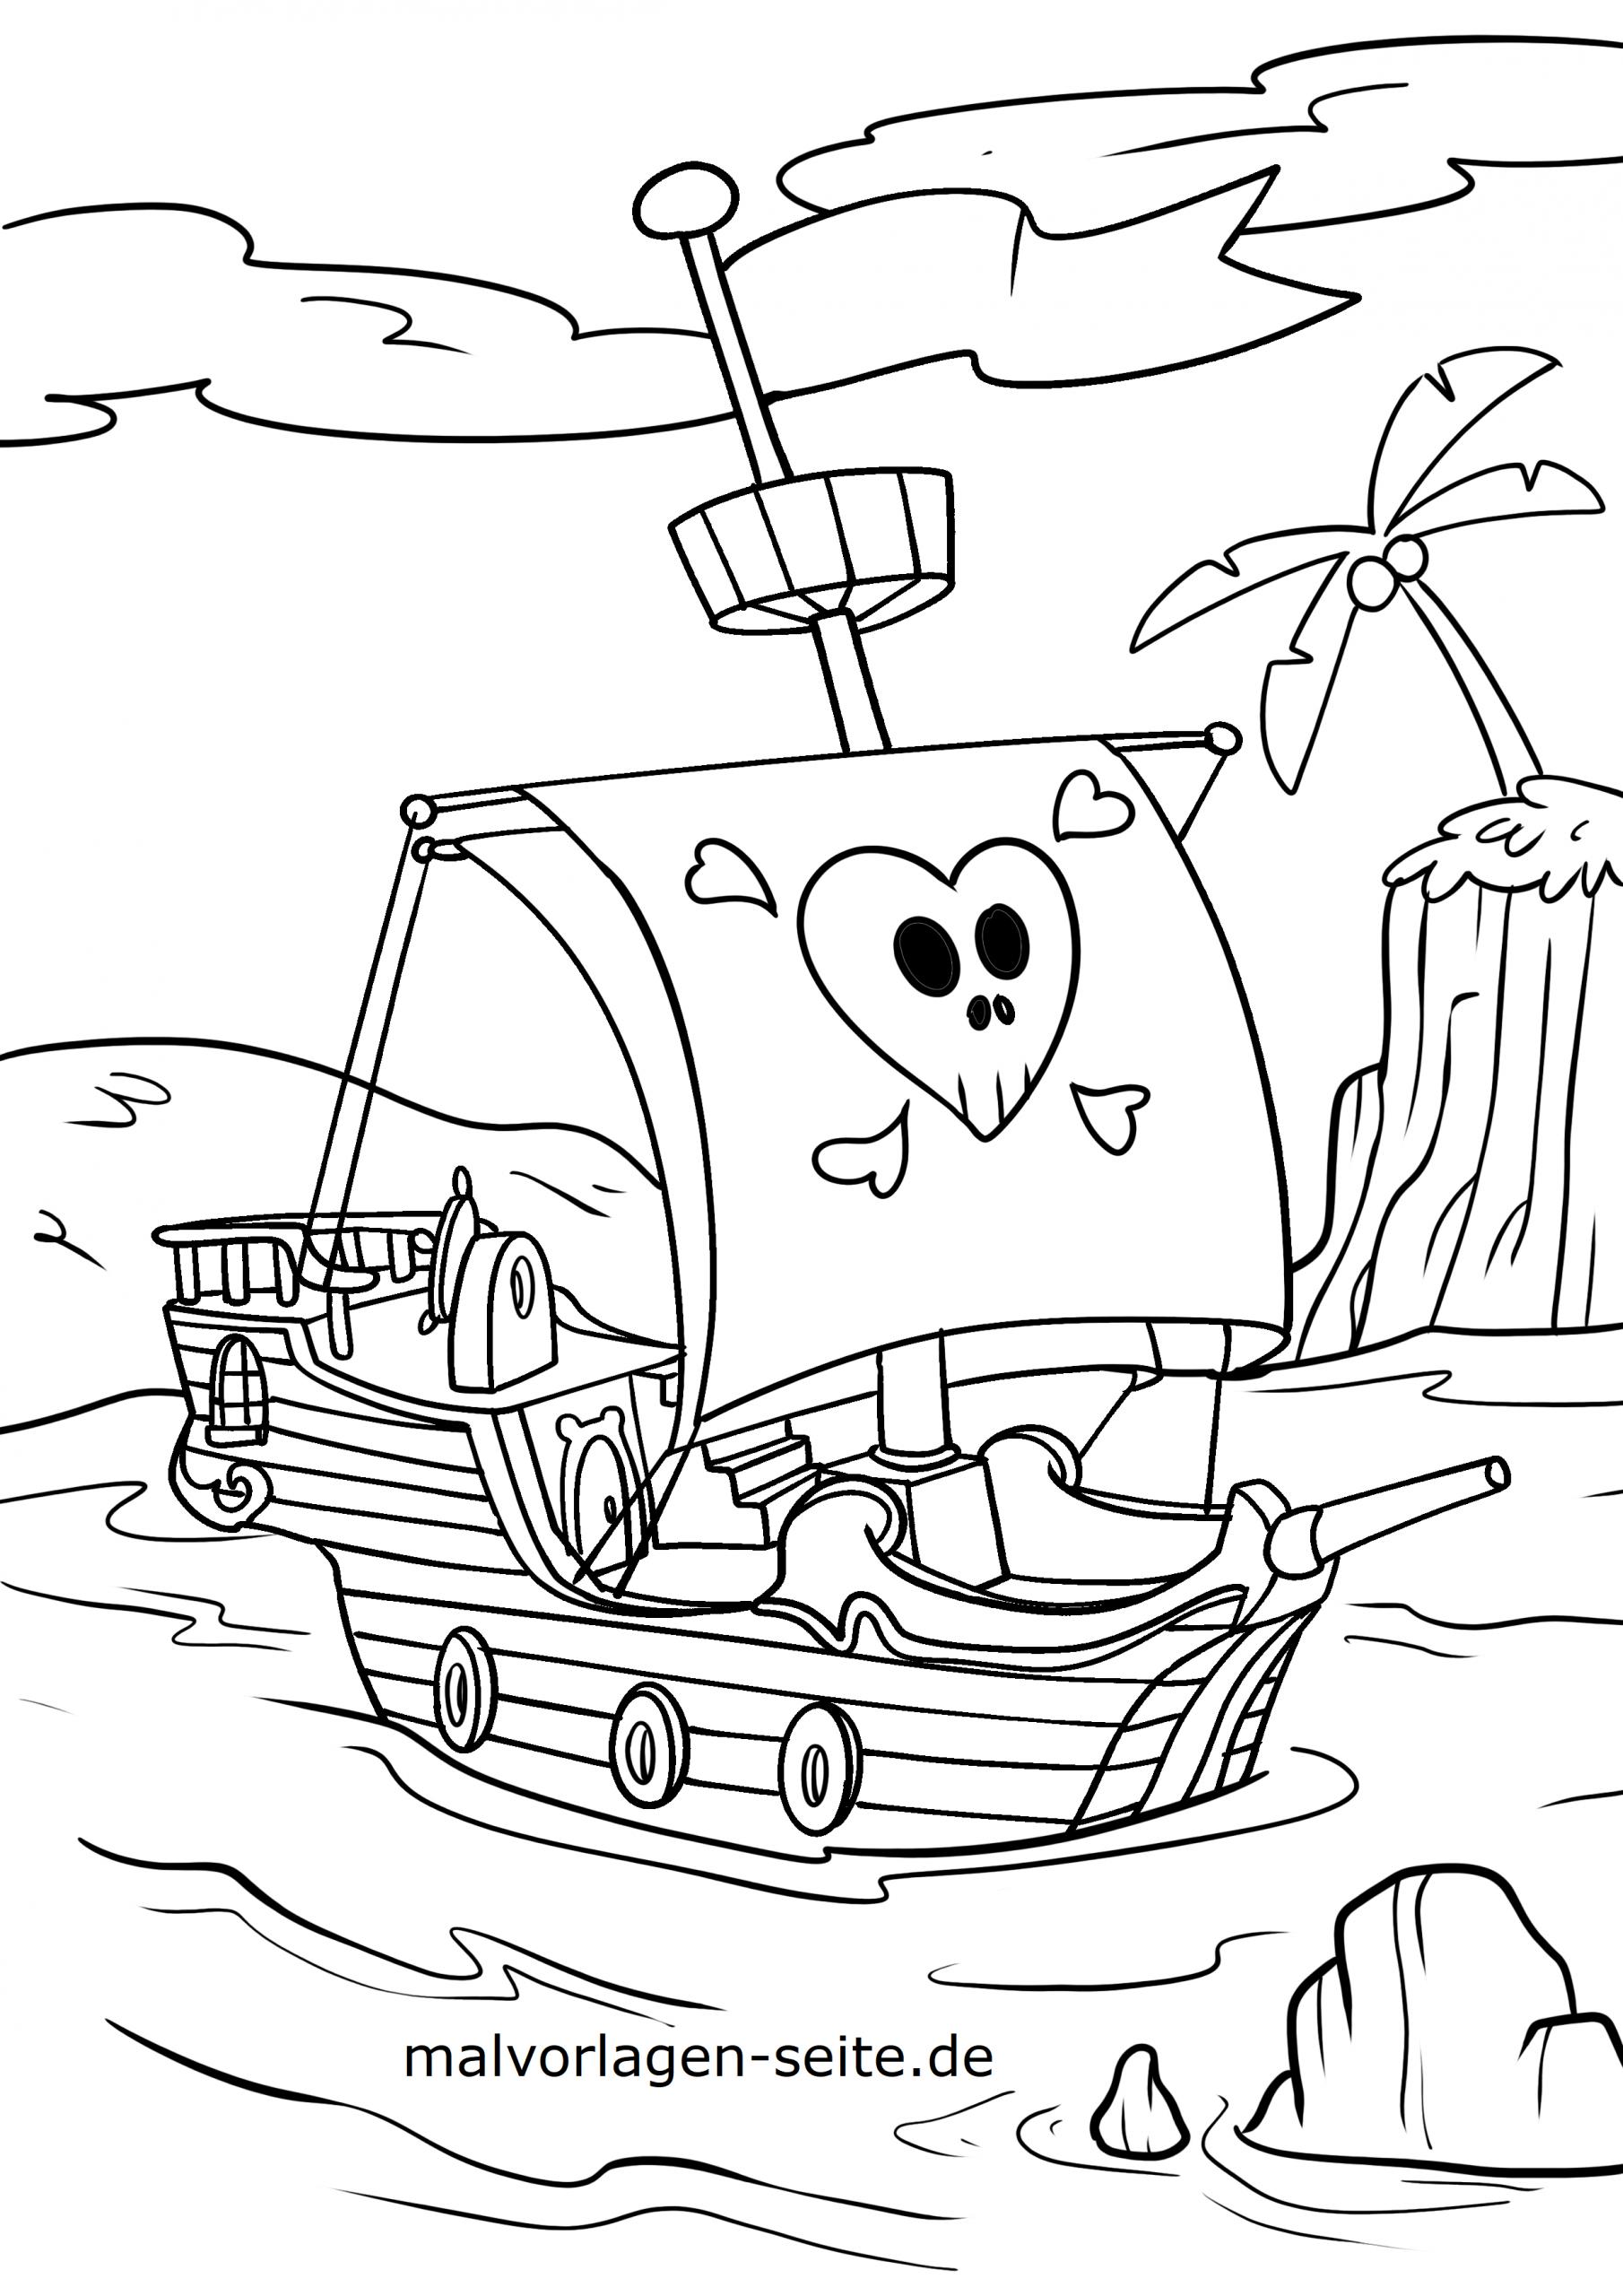 Malvorlage Piraten - Ausmalbilder Kostenlos Herunterladen bei Piraten Ausmalbilder